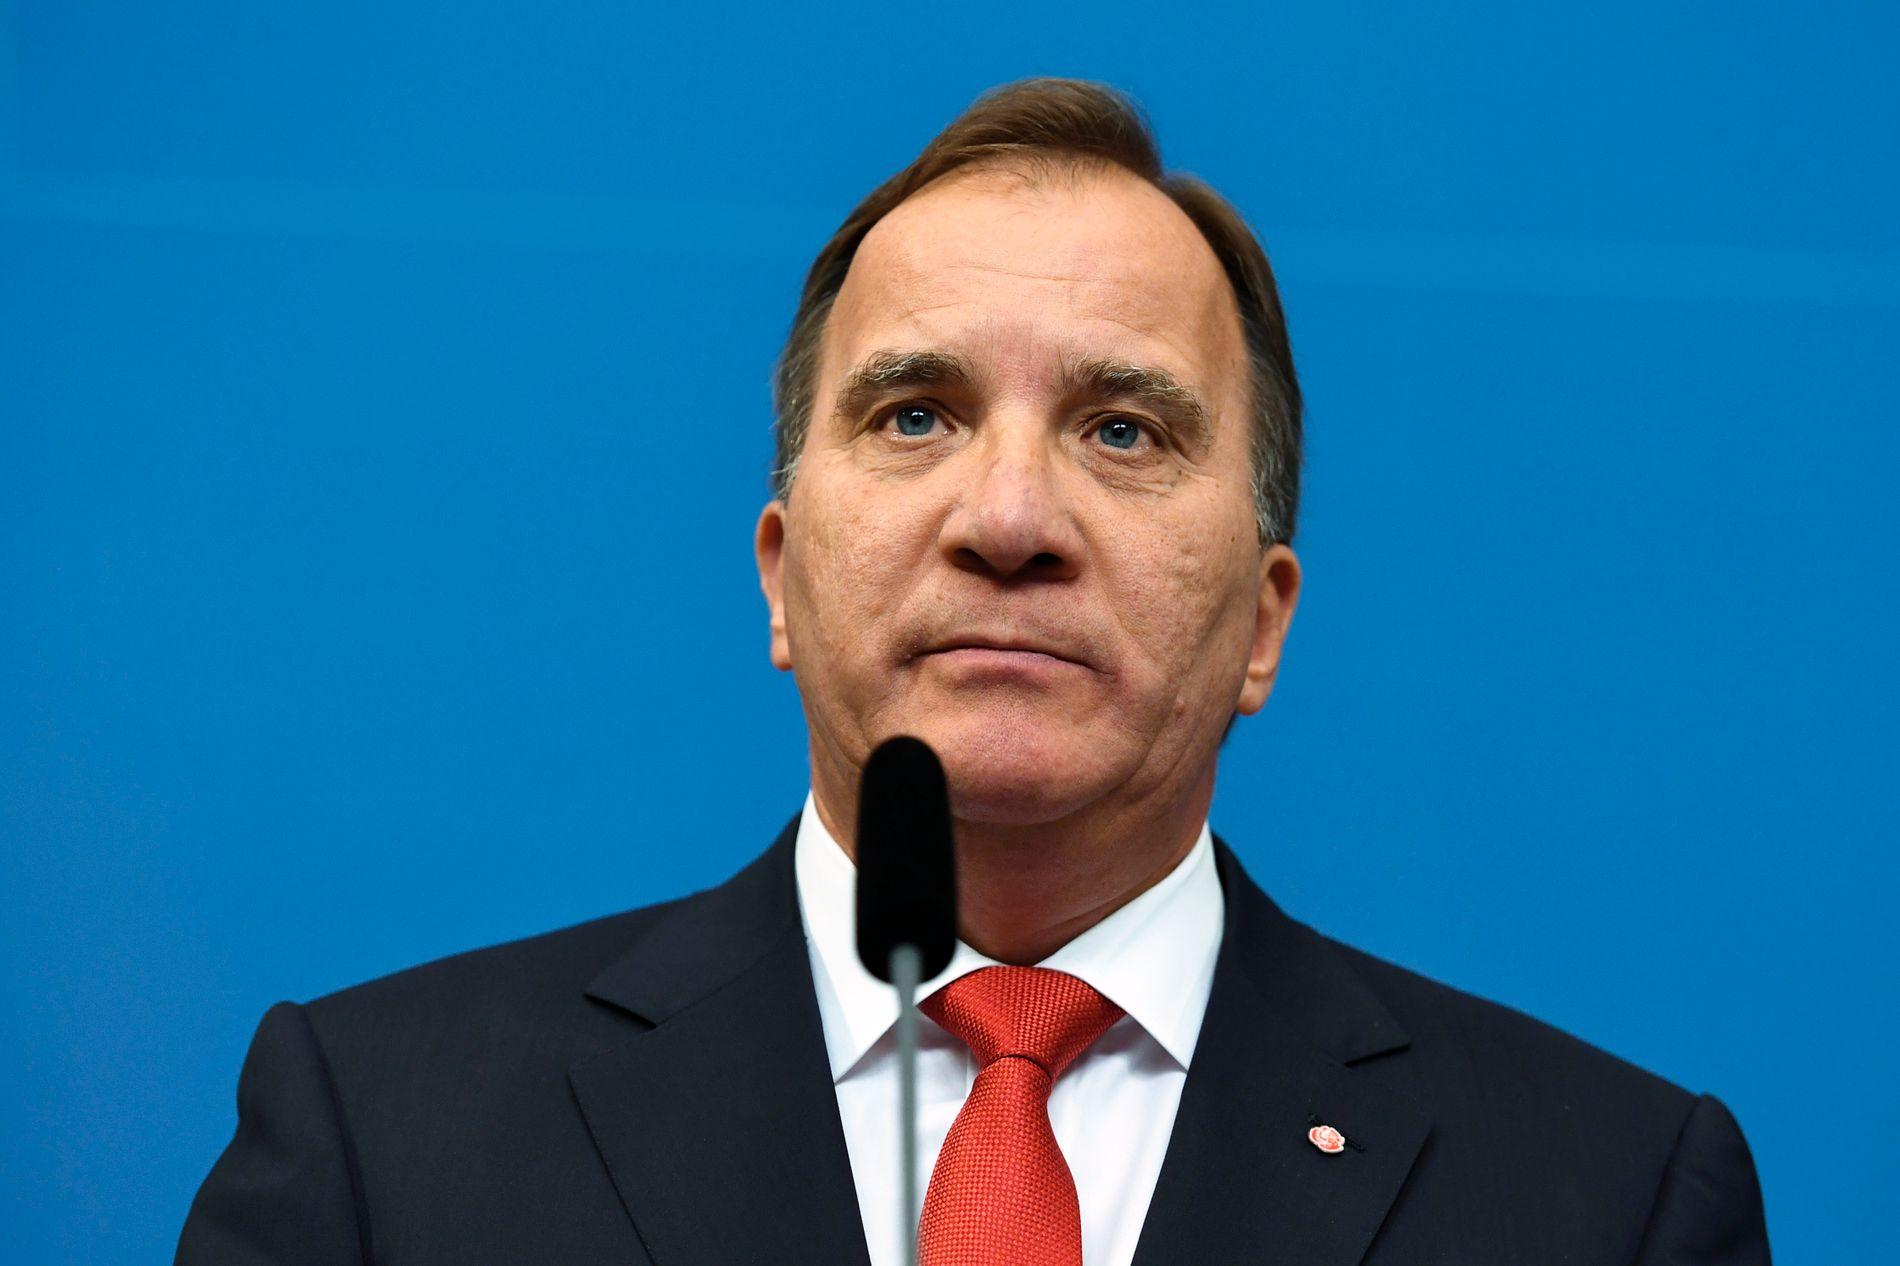 BLIR SITTENDE: Stefan Löfven vil verken utlyse nyvalg eller gå av som følge av at fire borgerlige partier har varslet mistillitsforslag mot tre statsråder.